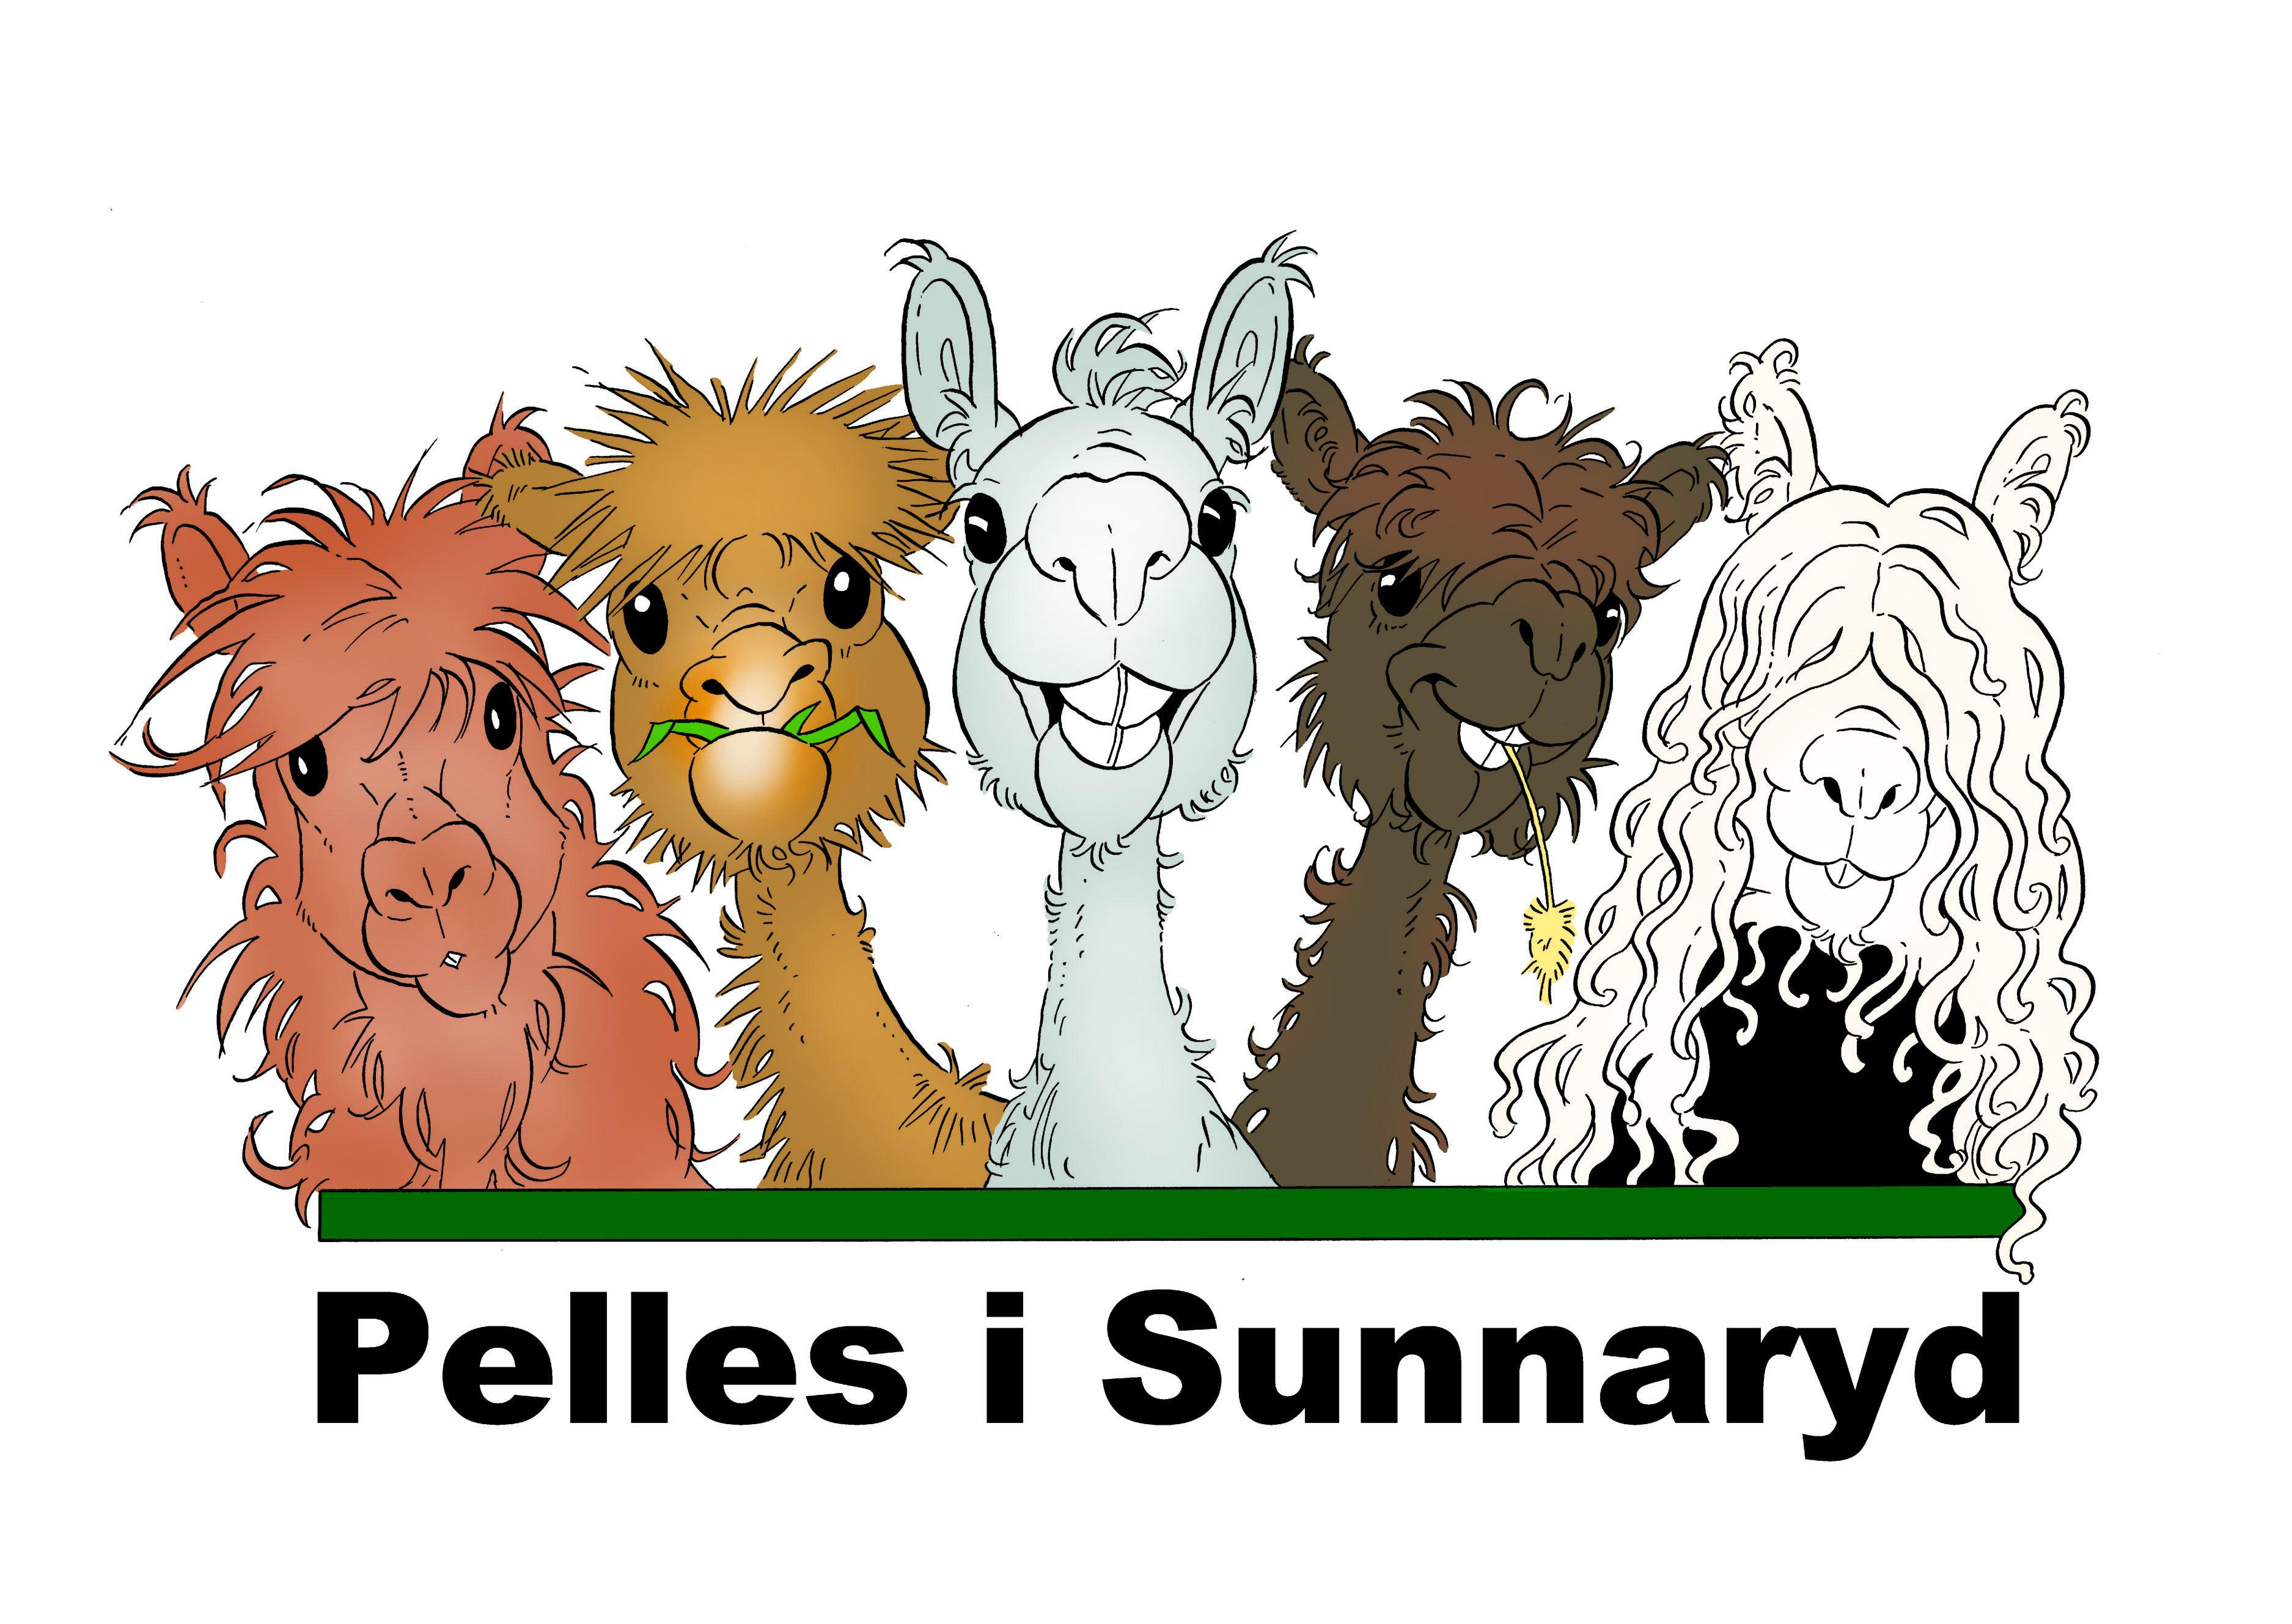 Alpaca at Pelles i Sunnaryd